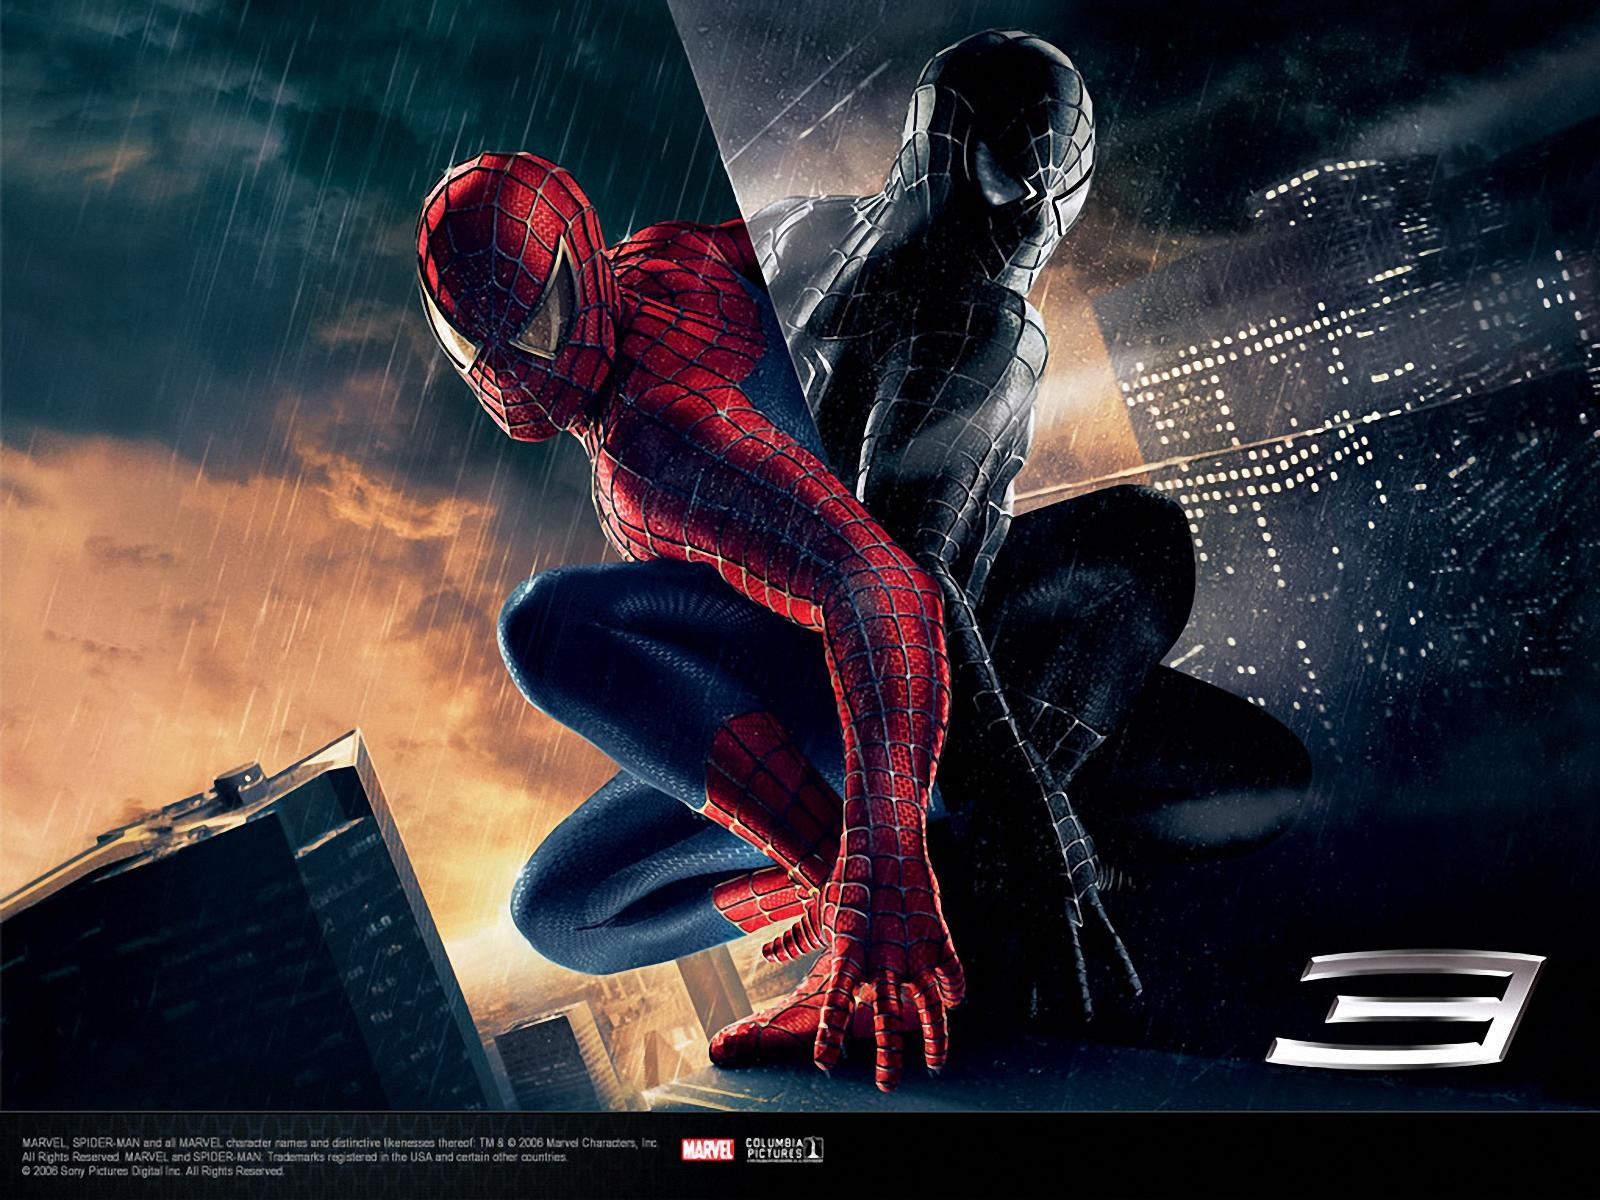 http://2.bp.blogspot.com/_EAViqbzwc_s/TOut2arstTI/AAAAAAAACa0/3-XVniFpubU/s1600/Spider-Man-3_0004.jpg